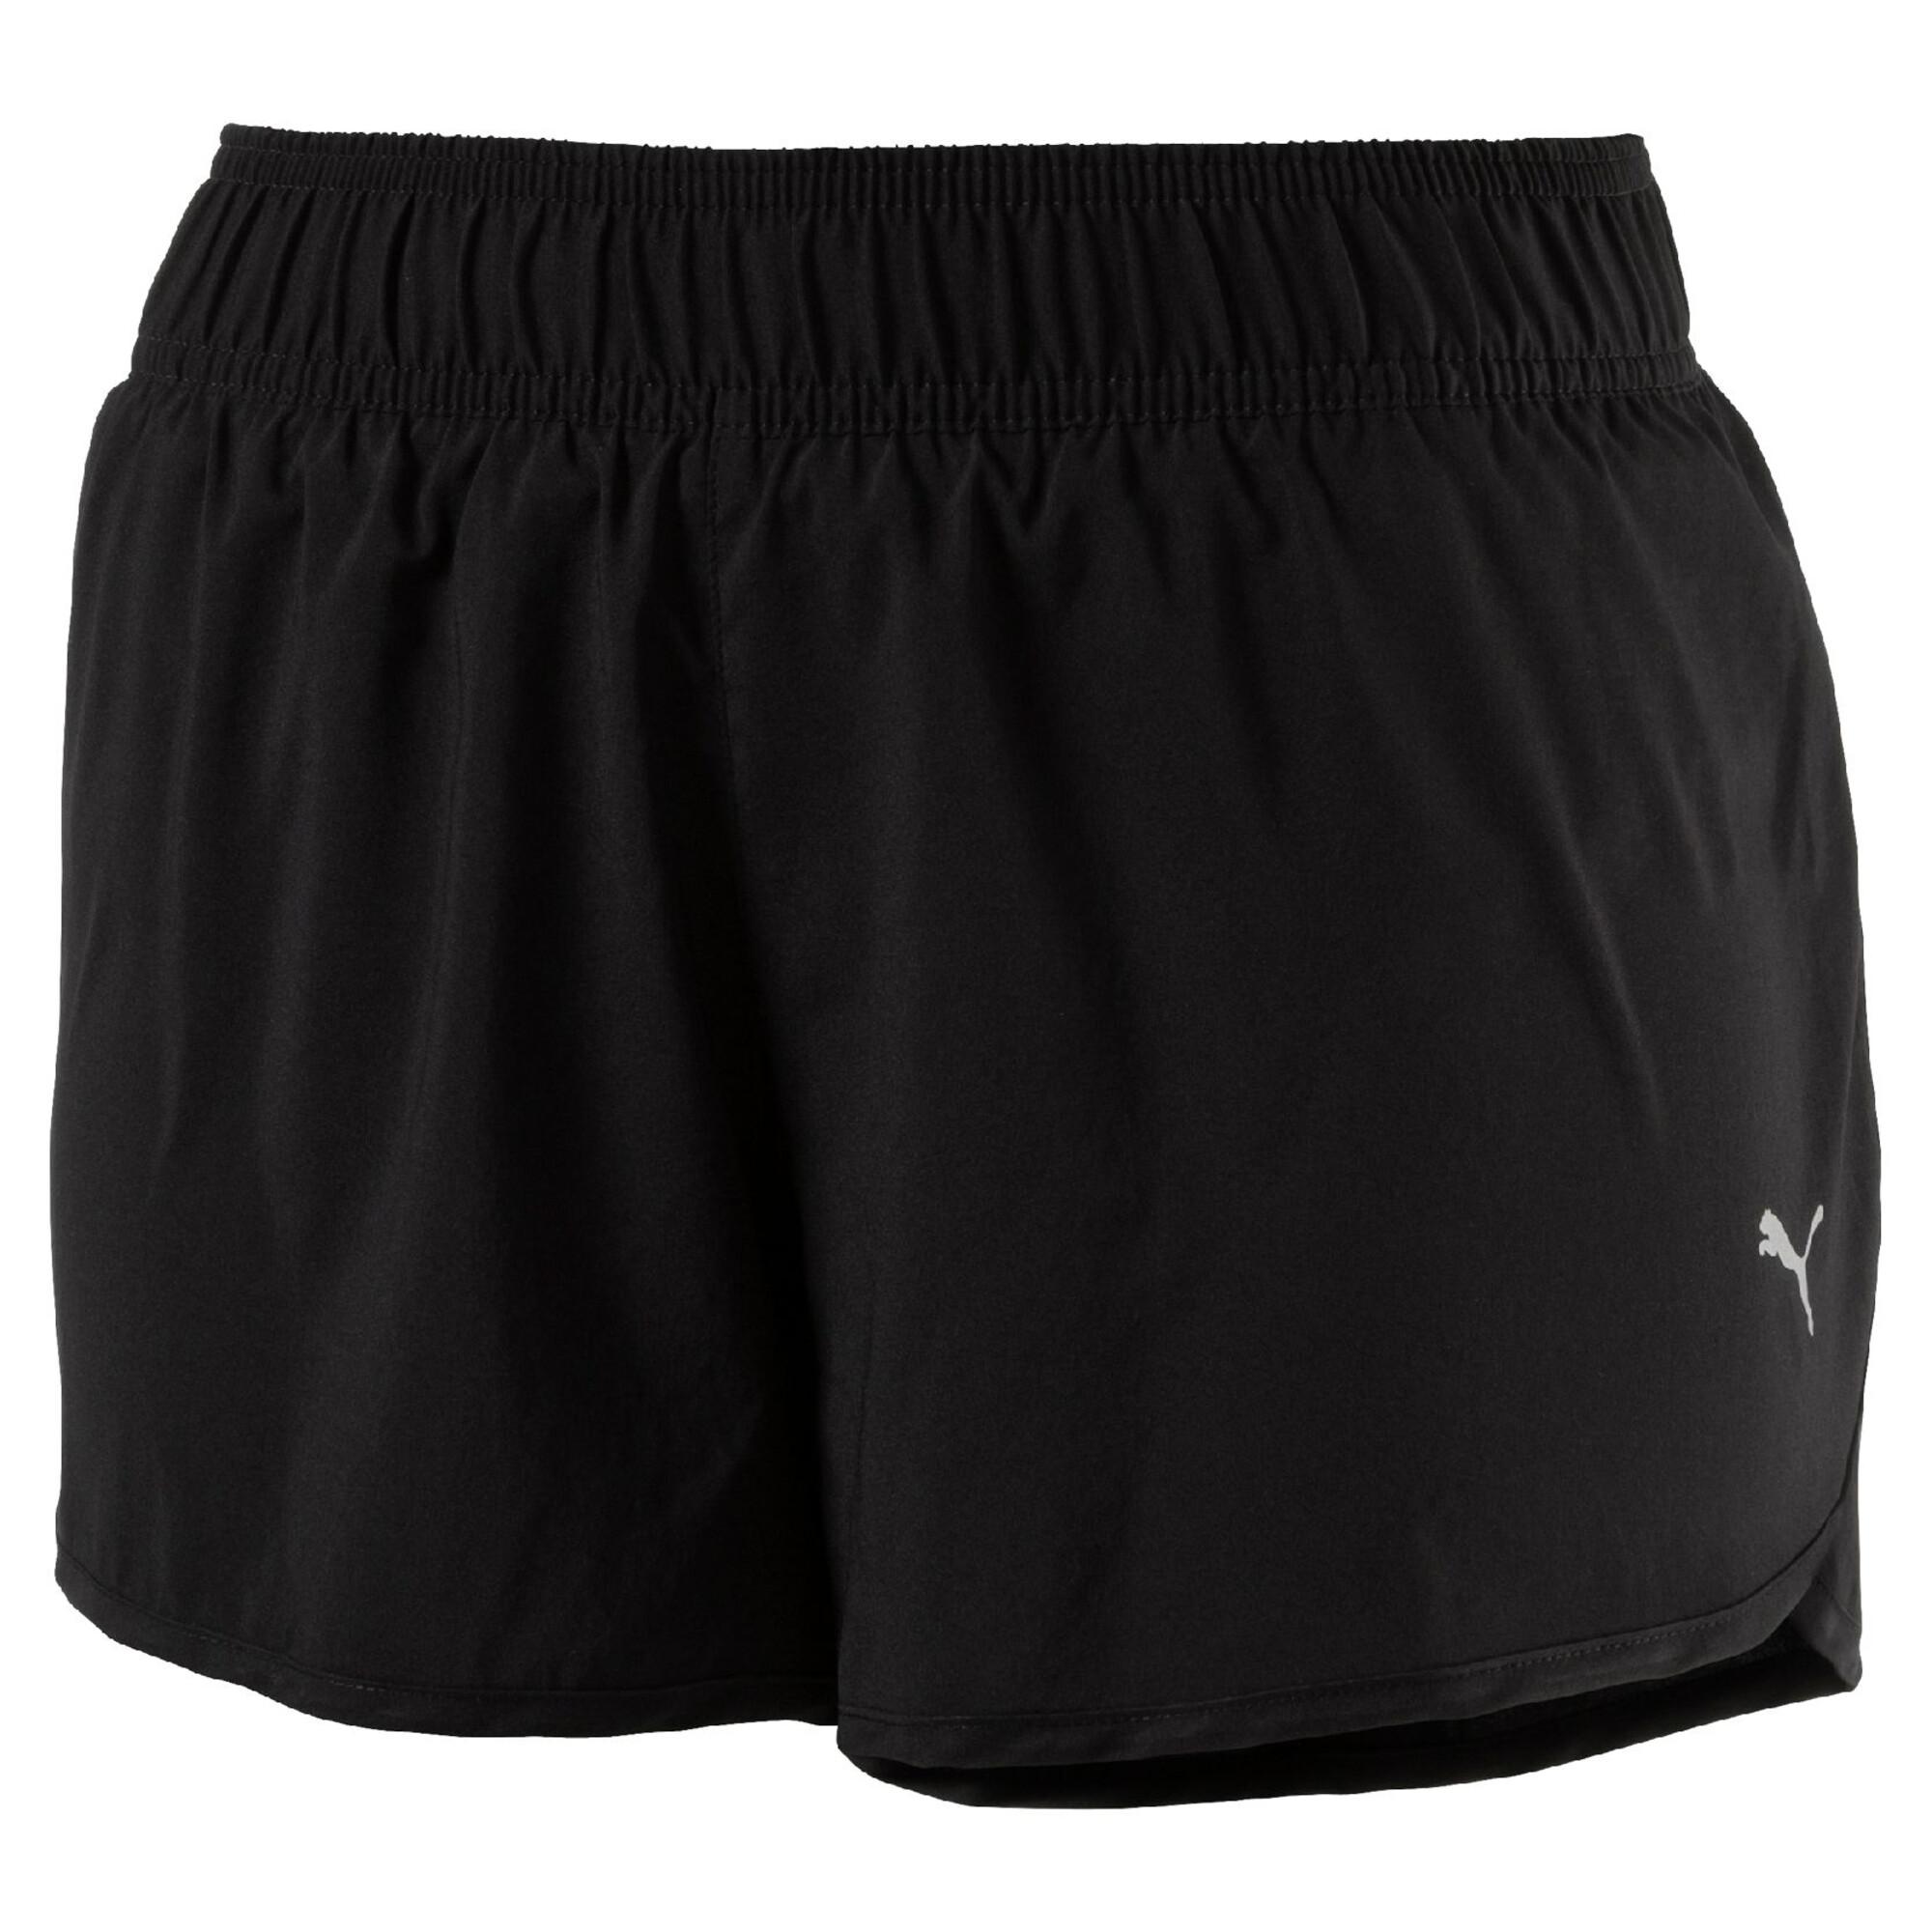 Image Puma Running Women's Shorts #4